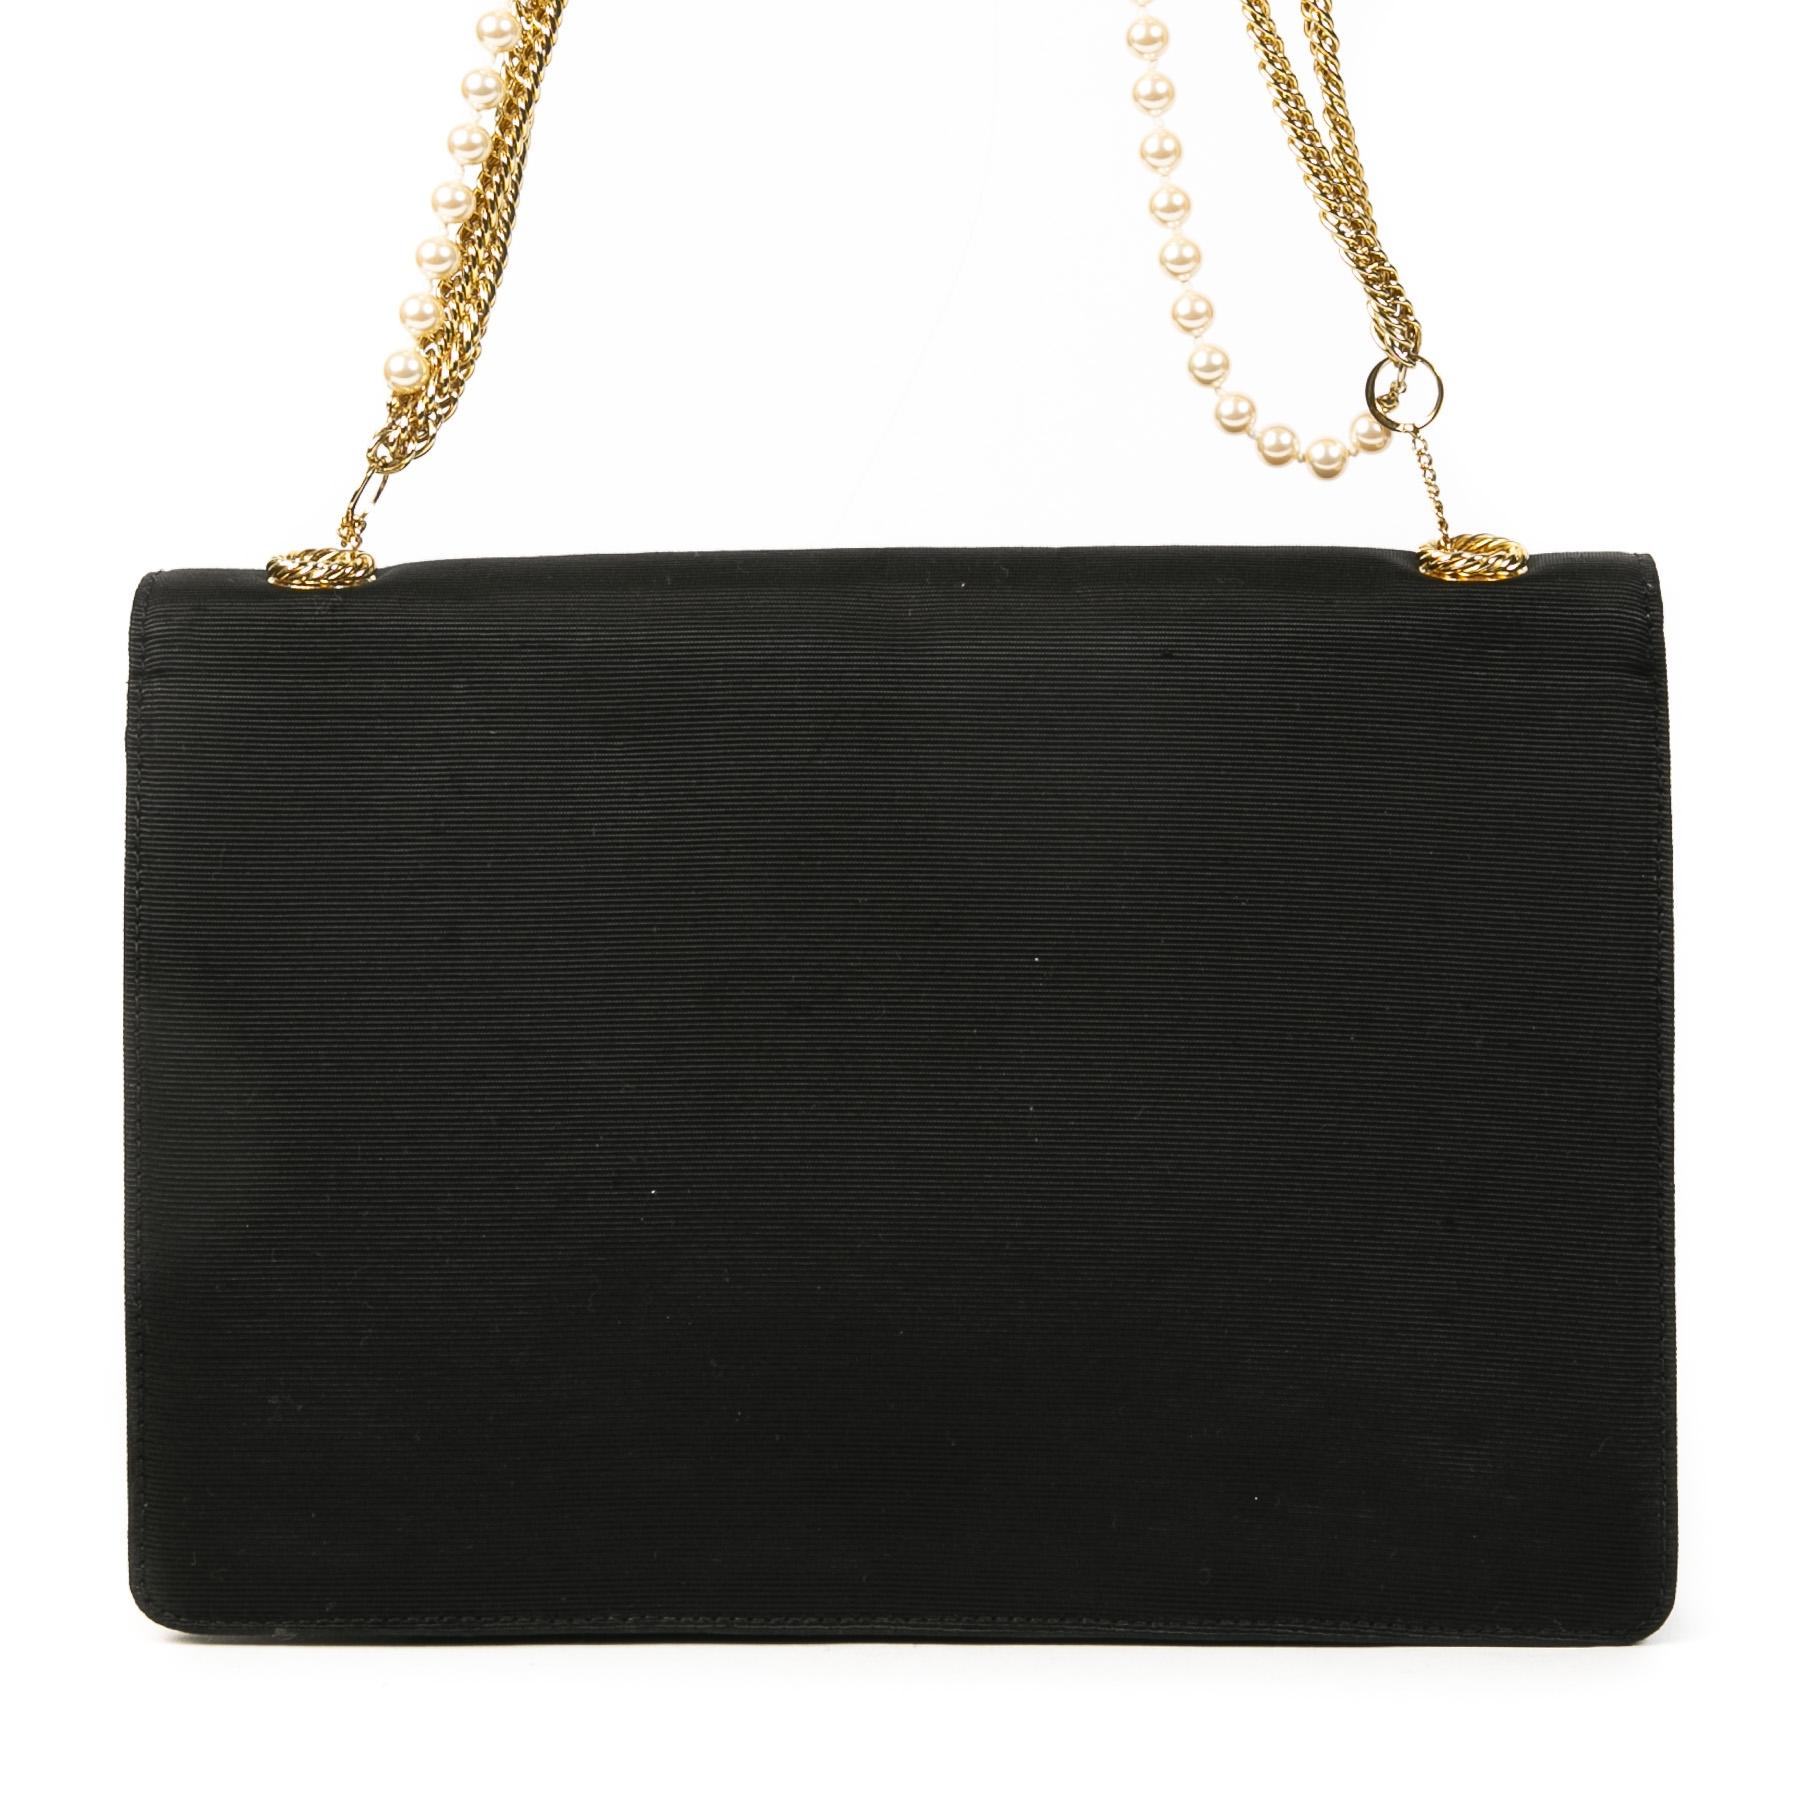 Authentieke Tweedehands Moschino Black Flap Bag with Pearl Chain juiste prijs veilig online shoppen luxe merken webshop winkelen Antwerpen België mode fashion